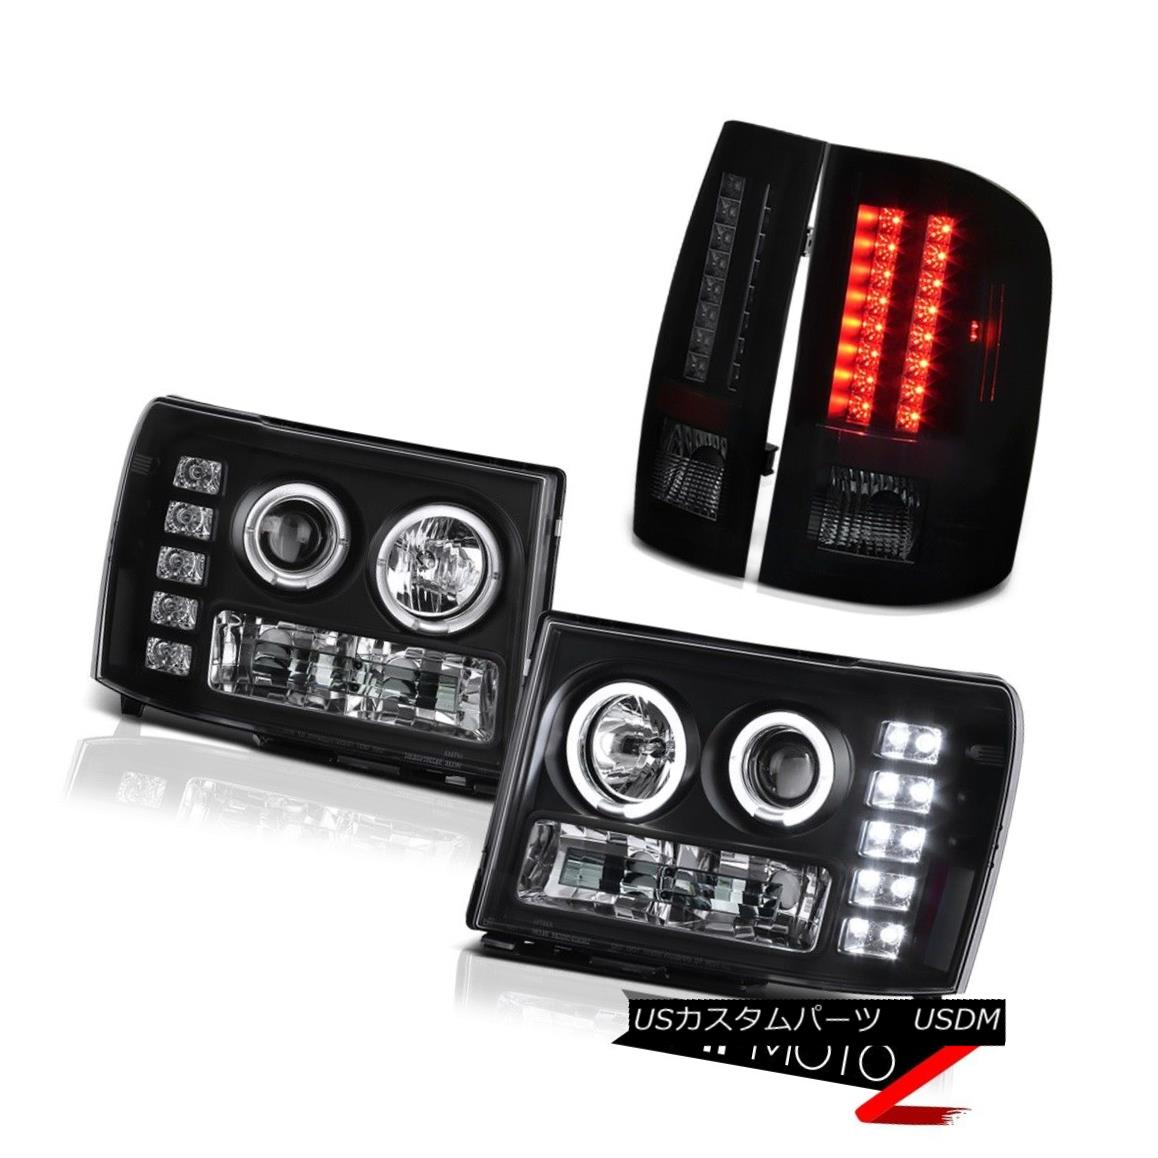 テールライト GMC Sierra 3500 08-14 Dually Denali 2x Halo Ring Headlights L.E.D Rear Tail Lamp GMC Sierra 3500 08-14デュアルデナリ2xハローリングヘッドライトL.E.Dリアテールランプ